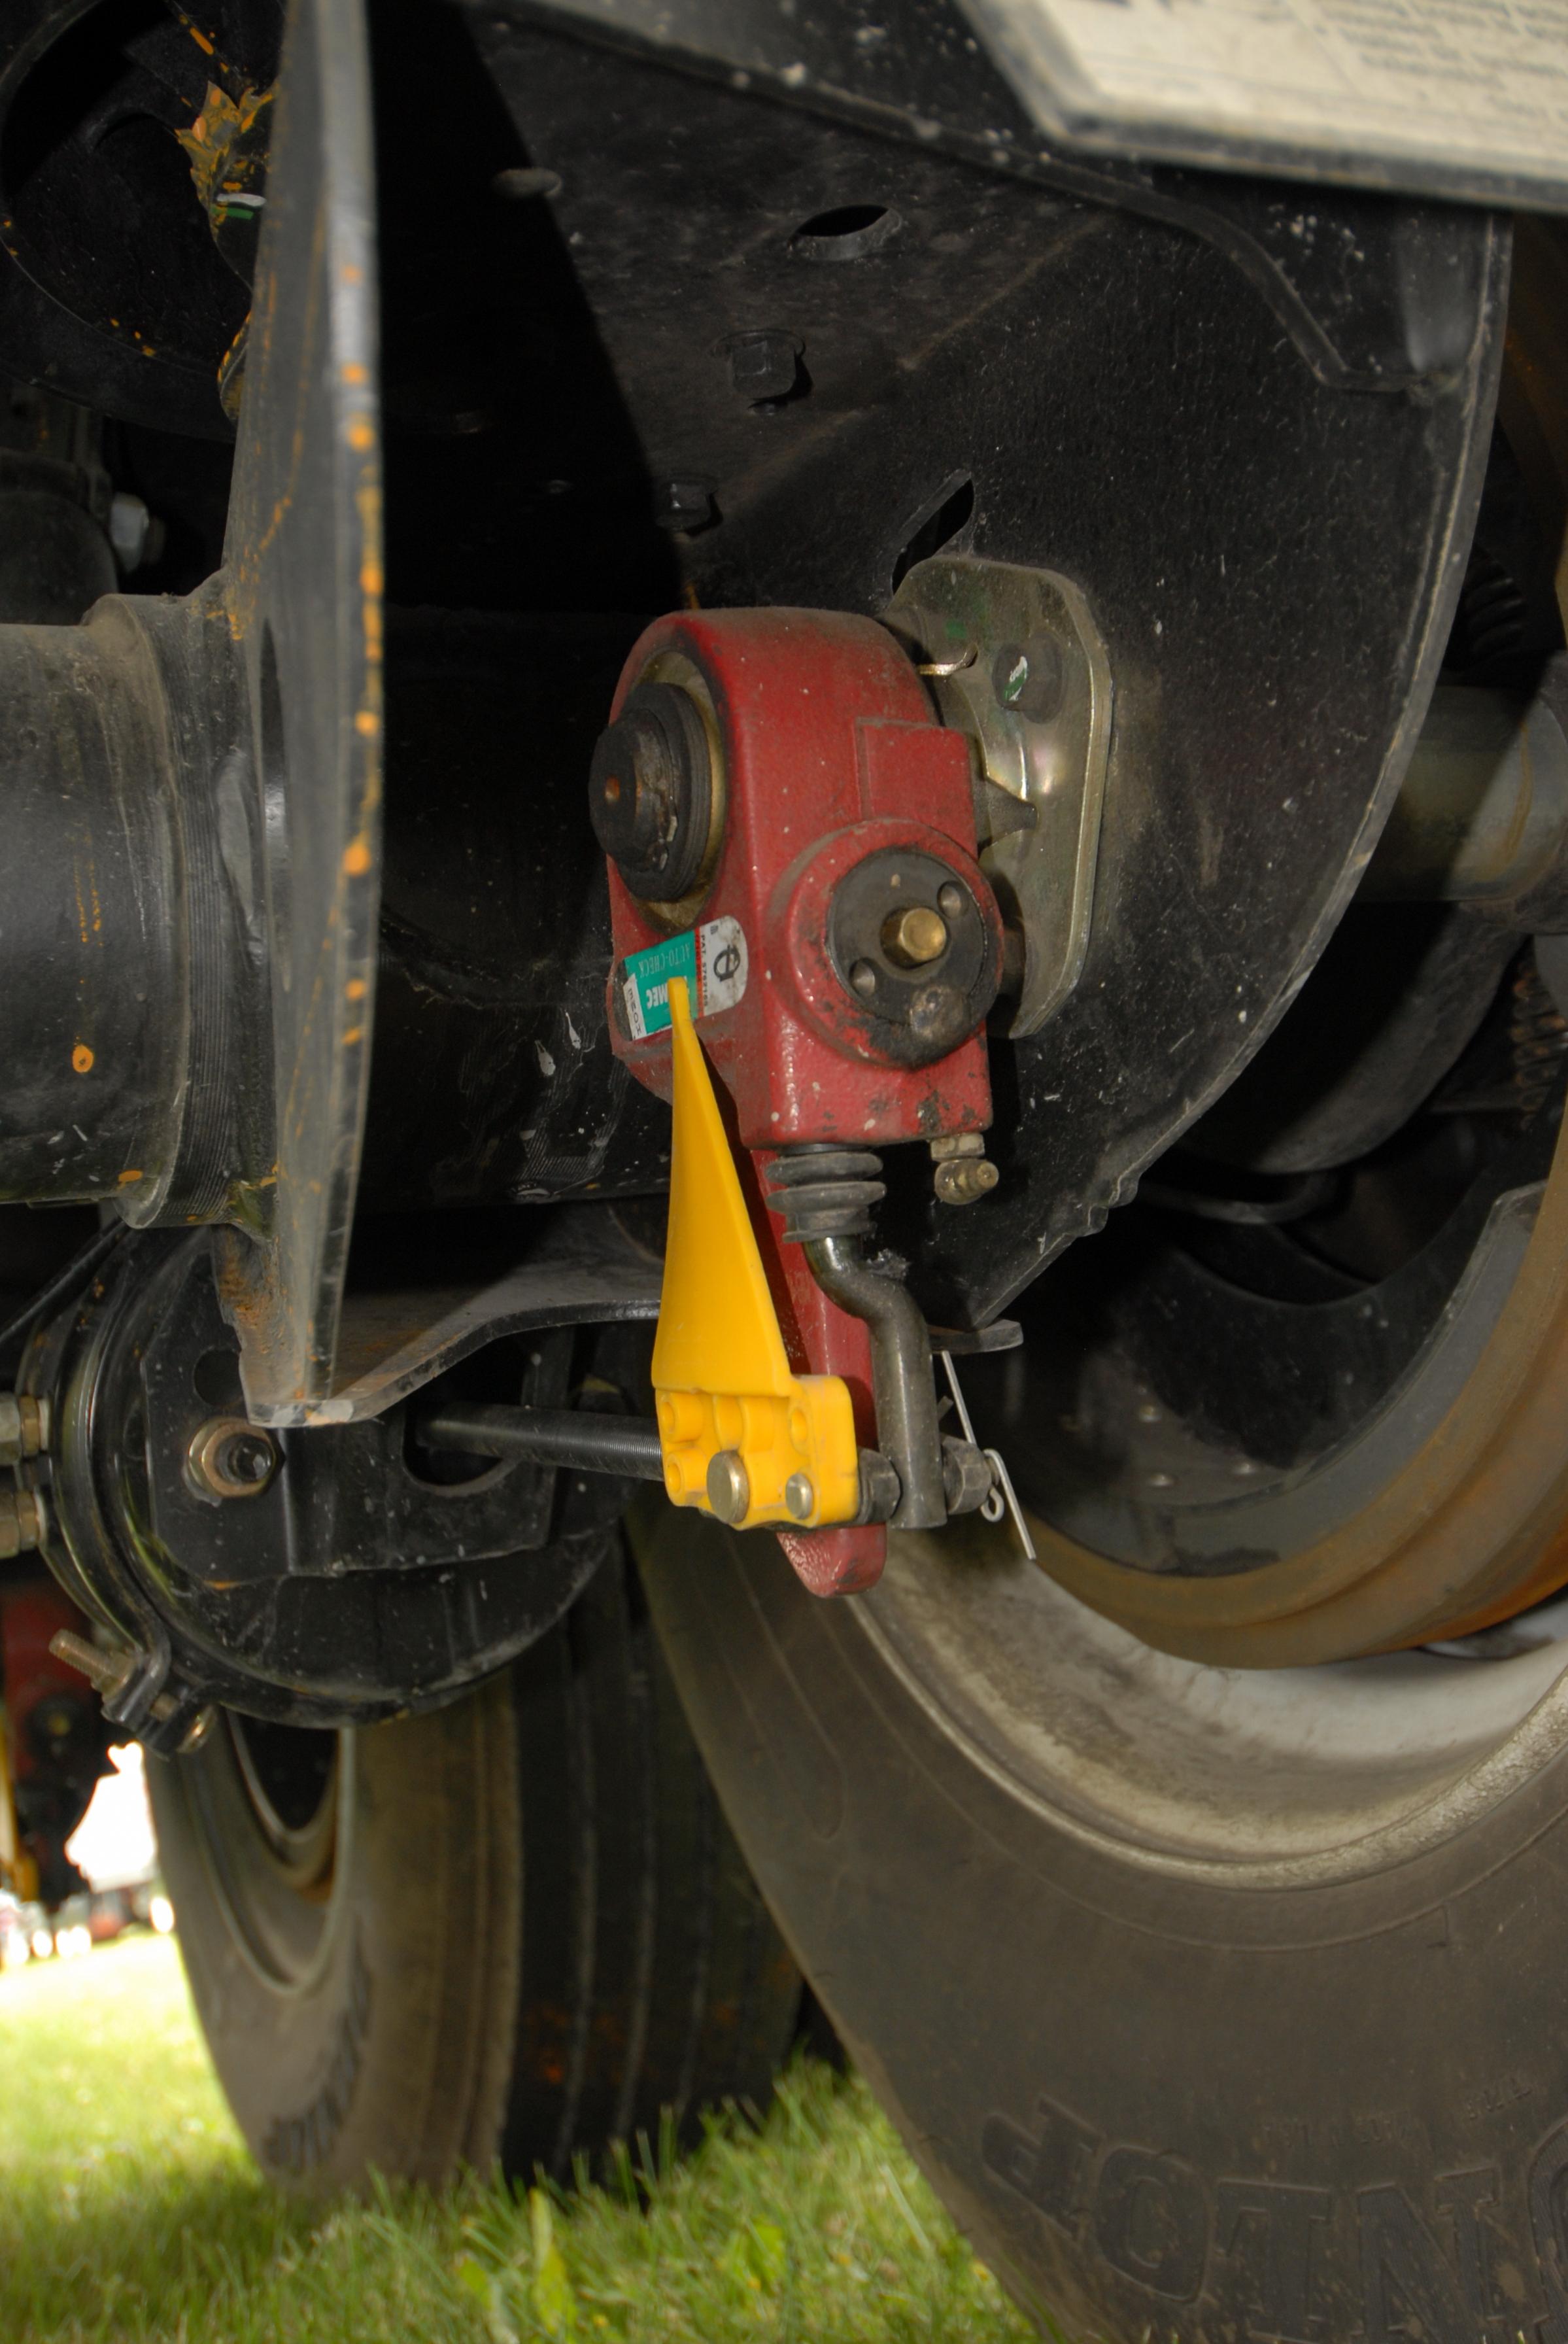 Don't Let Poor Brake Adjustment Catch You Unawares